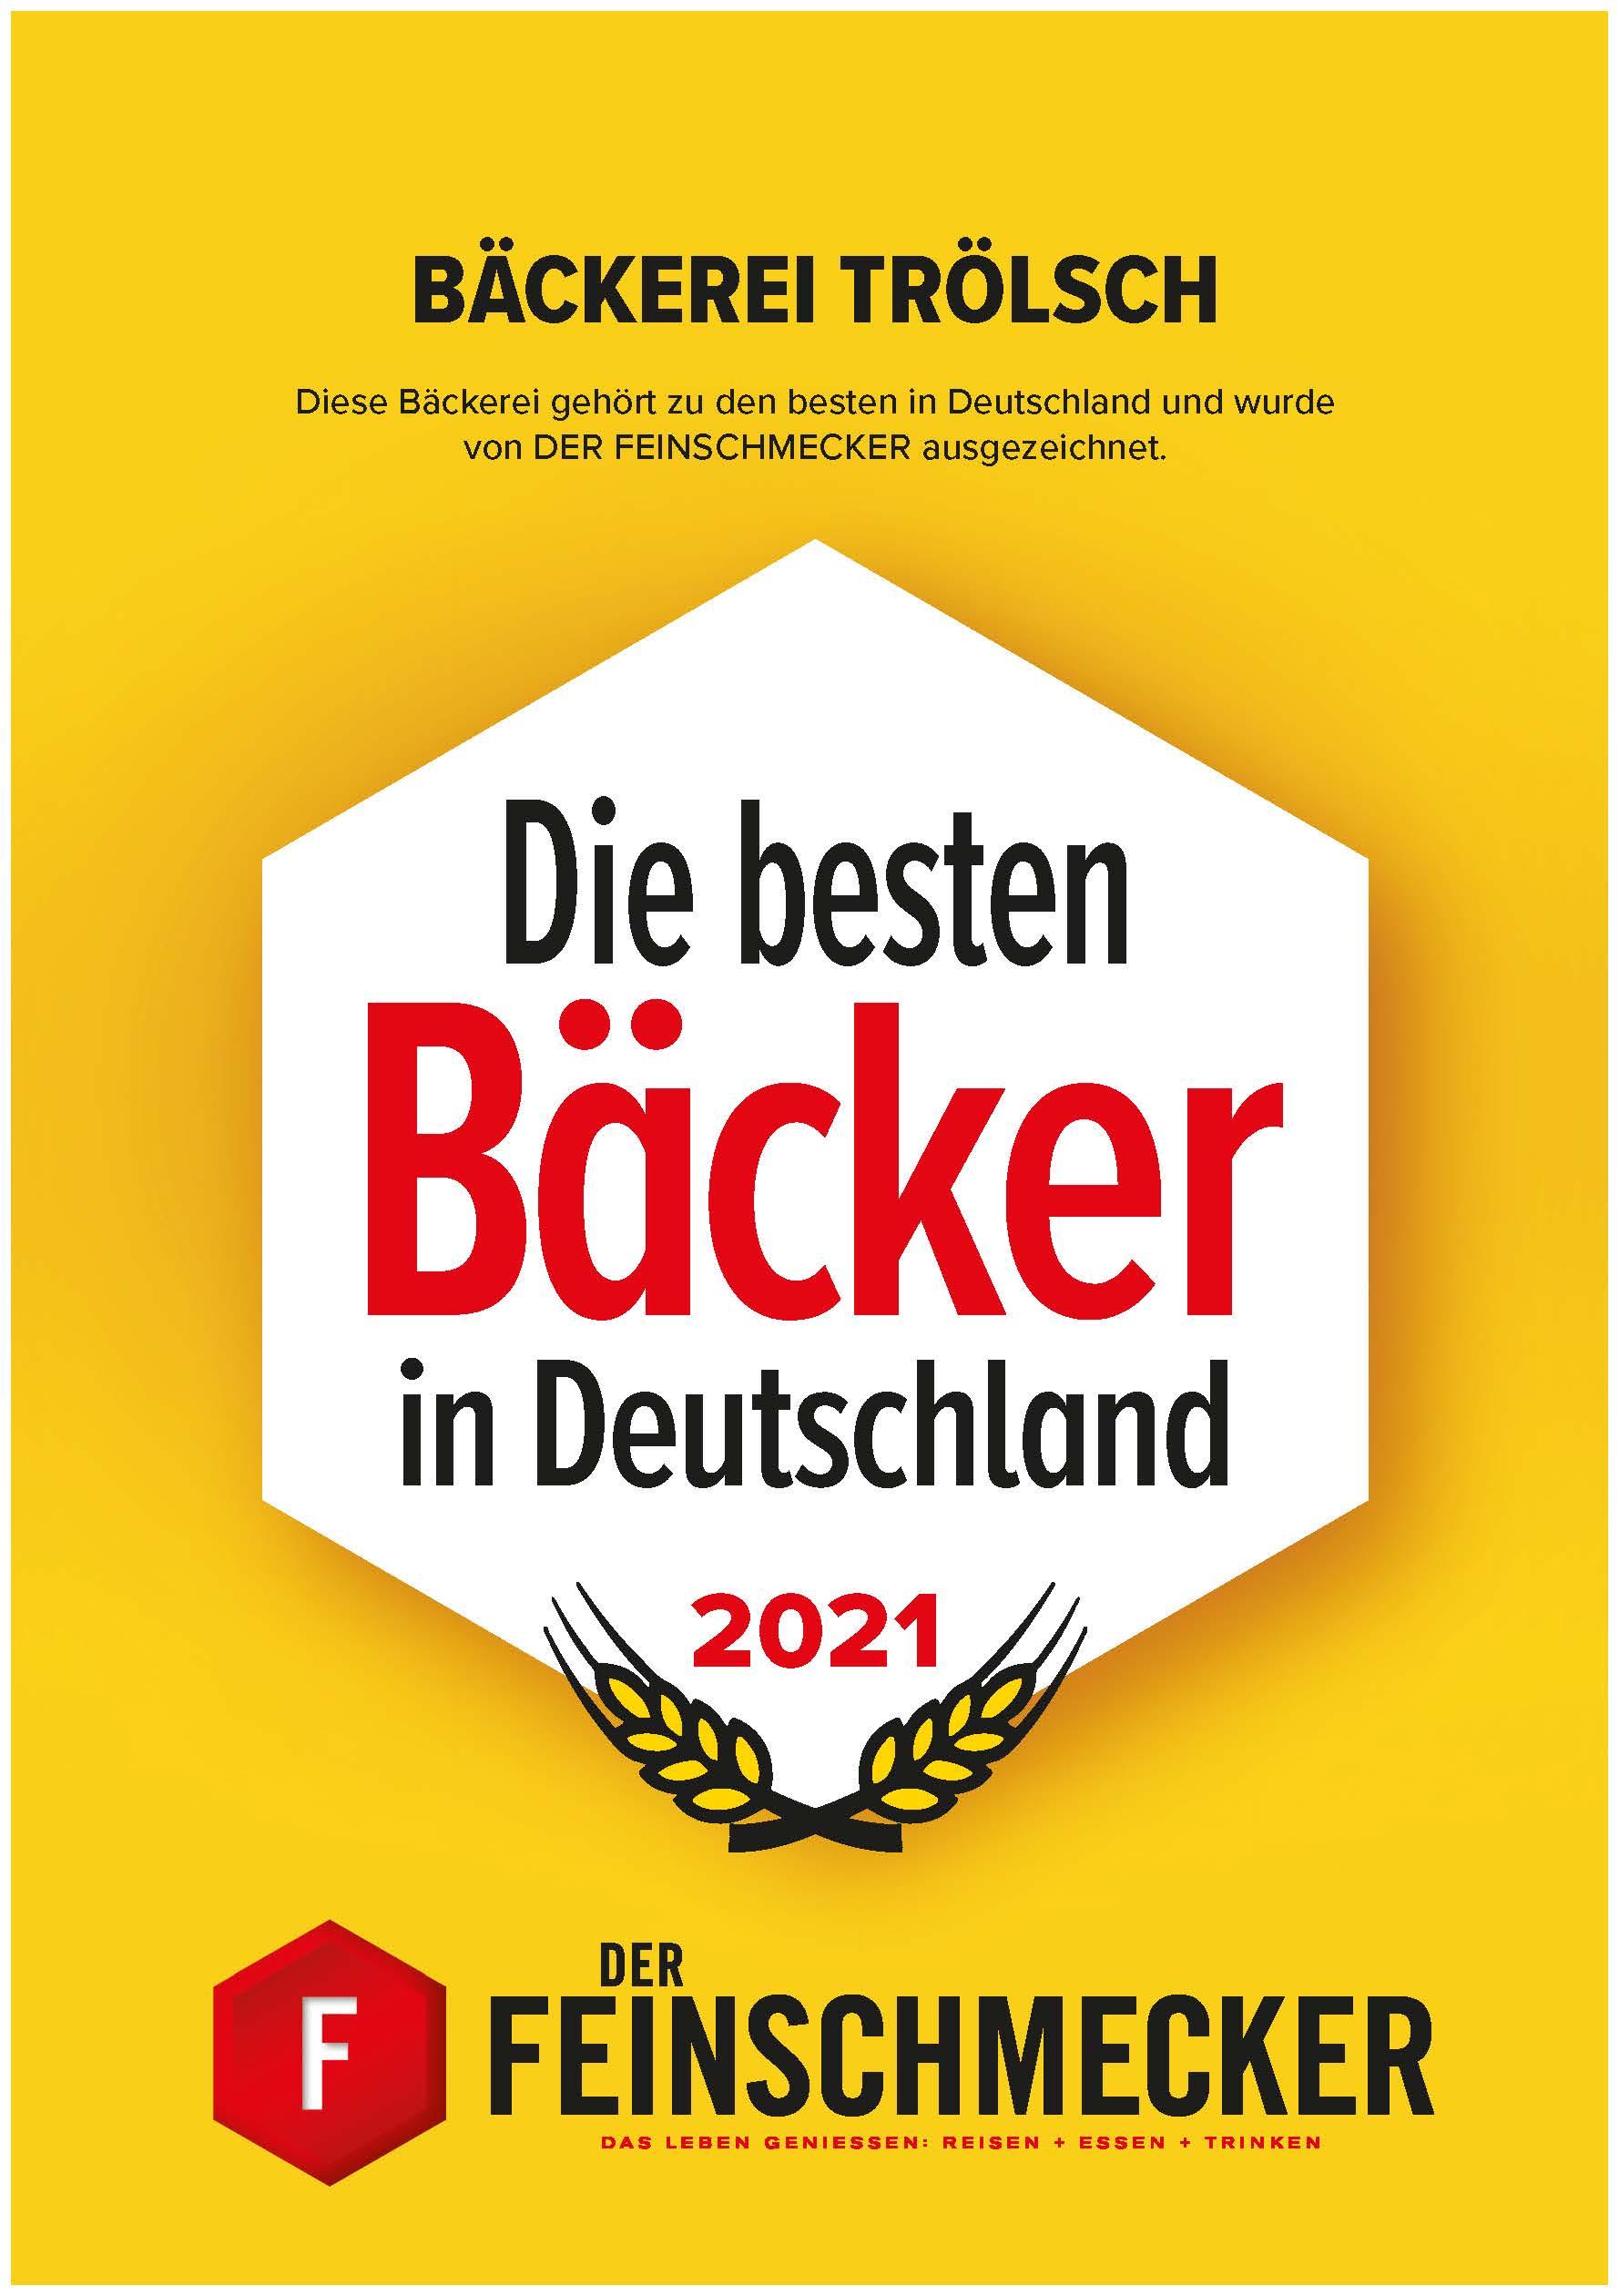 Feinschmecker 2021